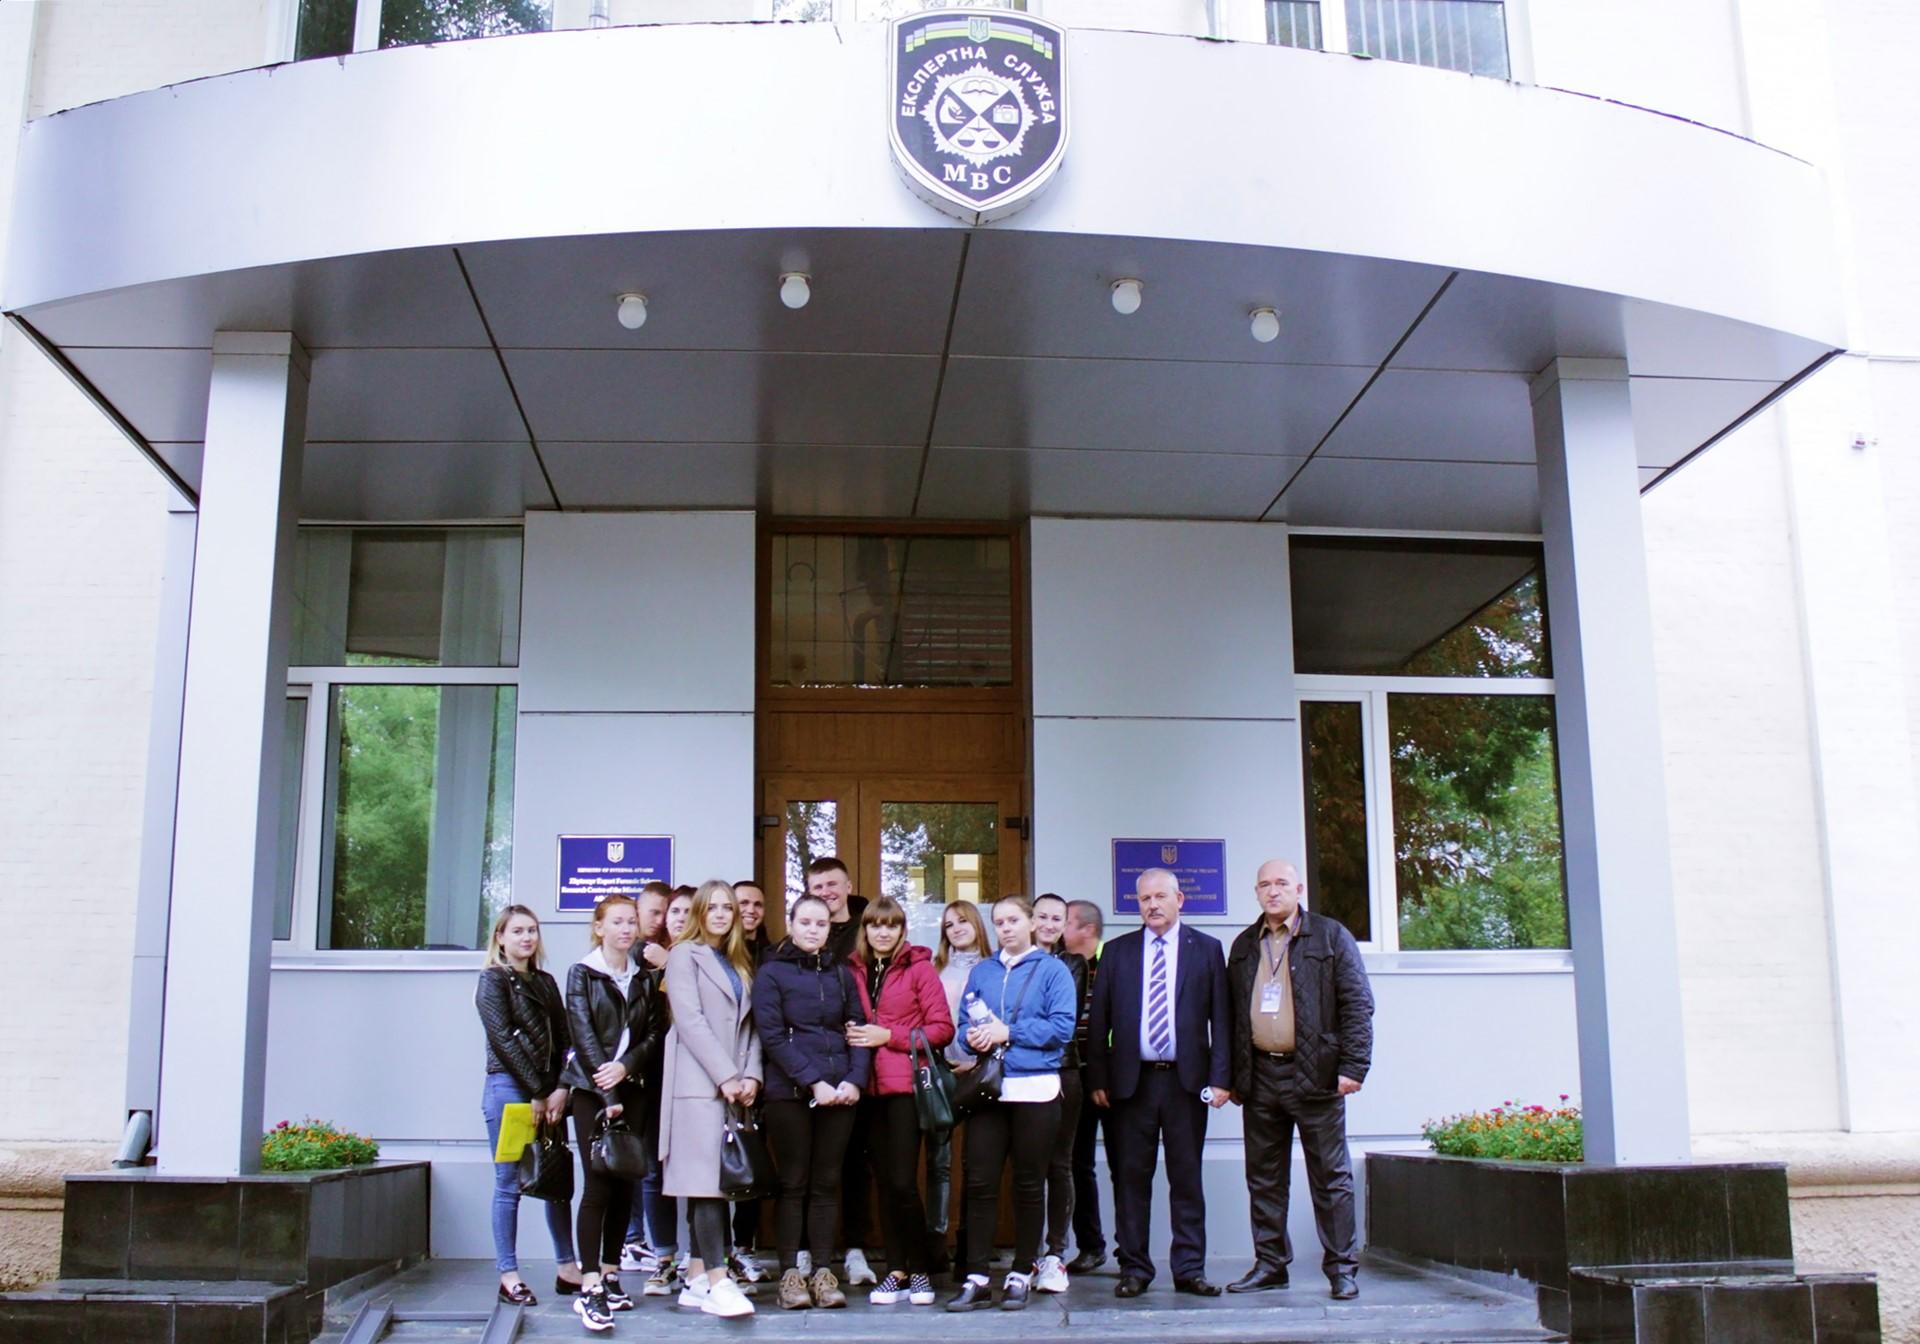 Проведення заняття зі студентами Житомирського торговельно-економічного фахового коледжу Київського національного торговельно-економічного університету